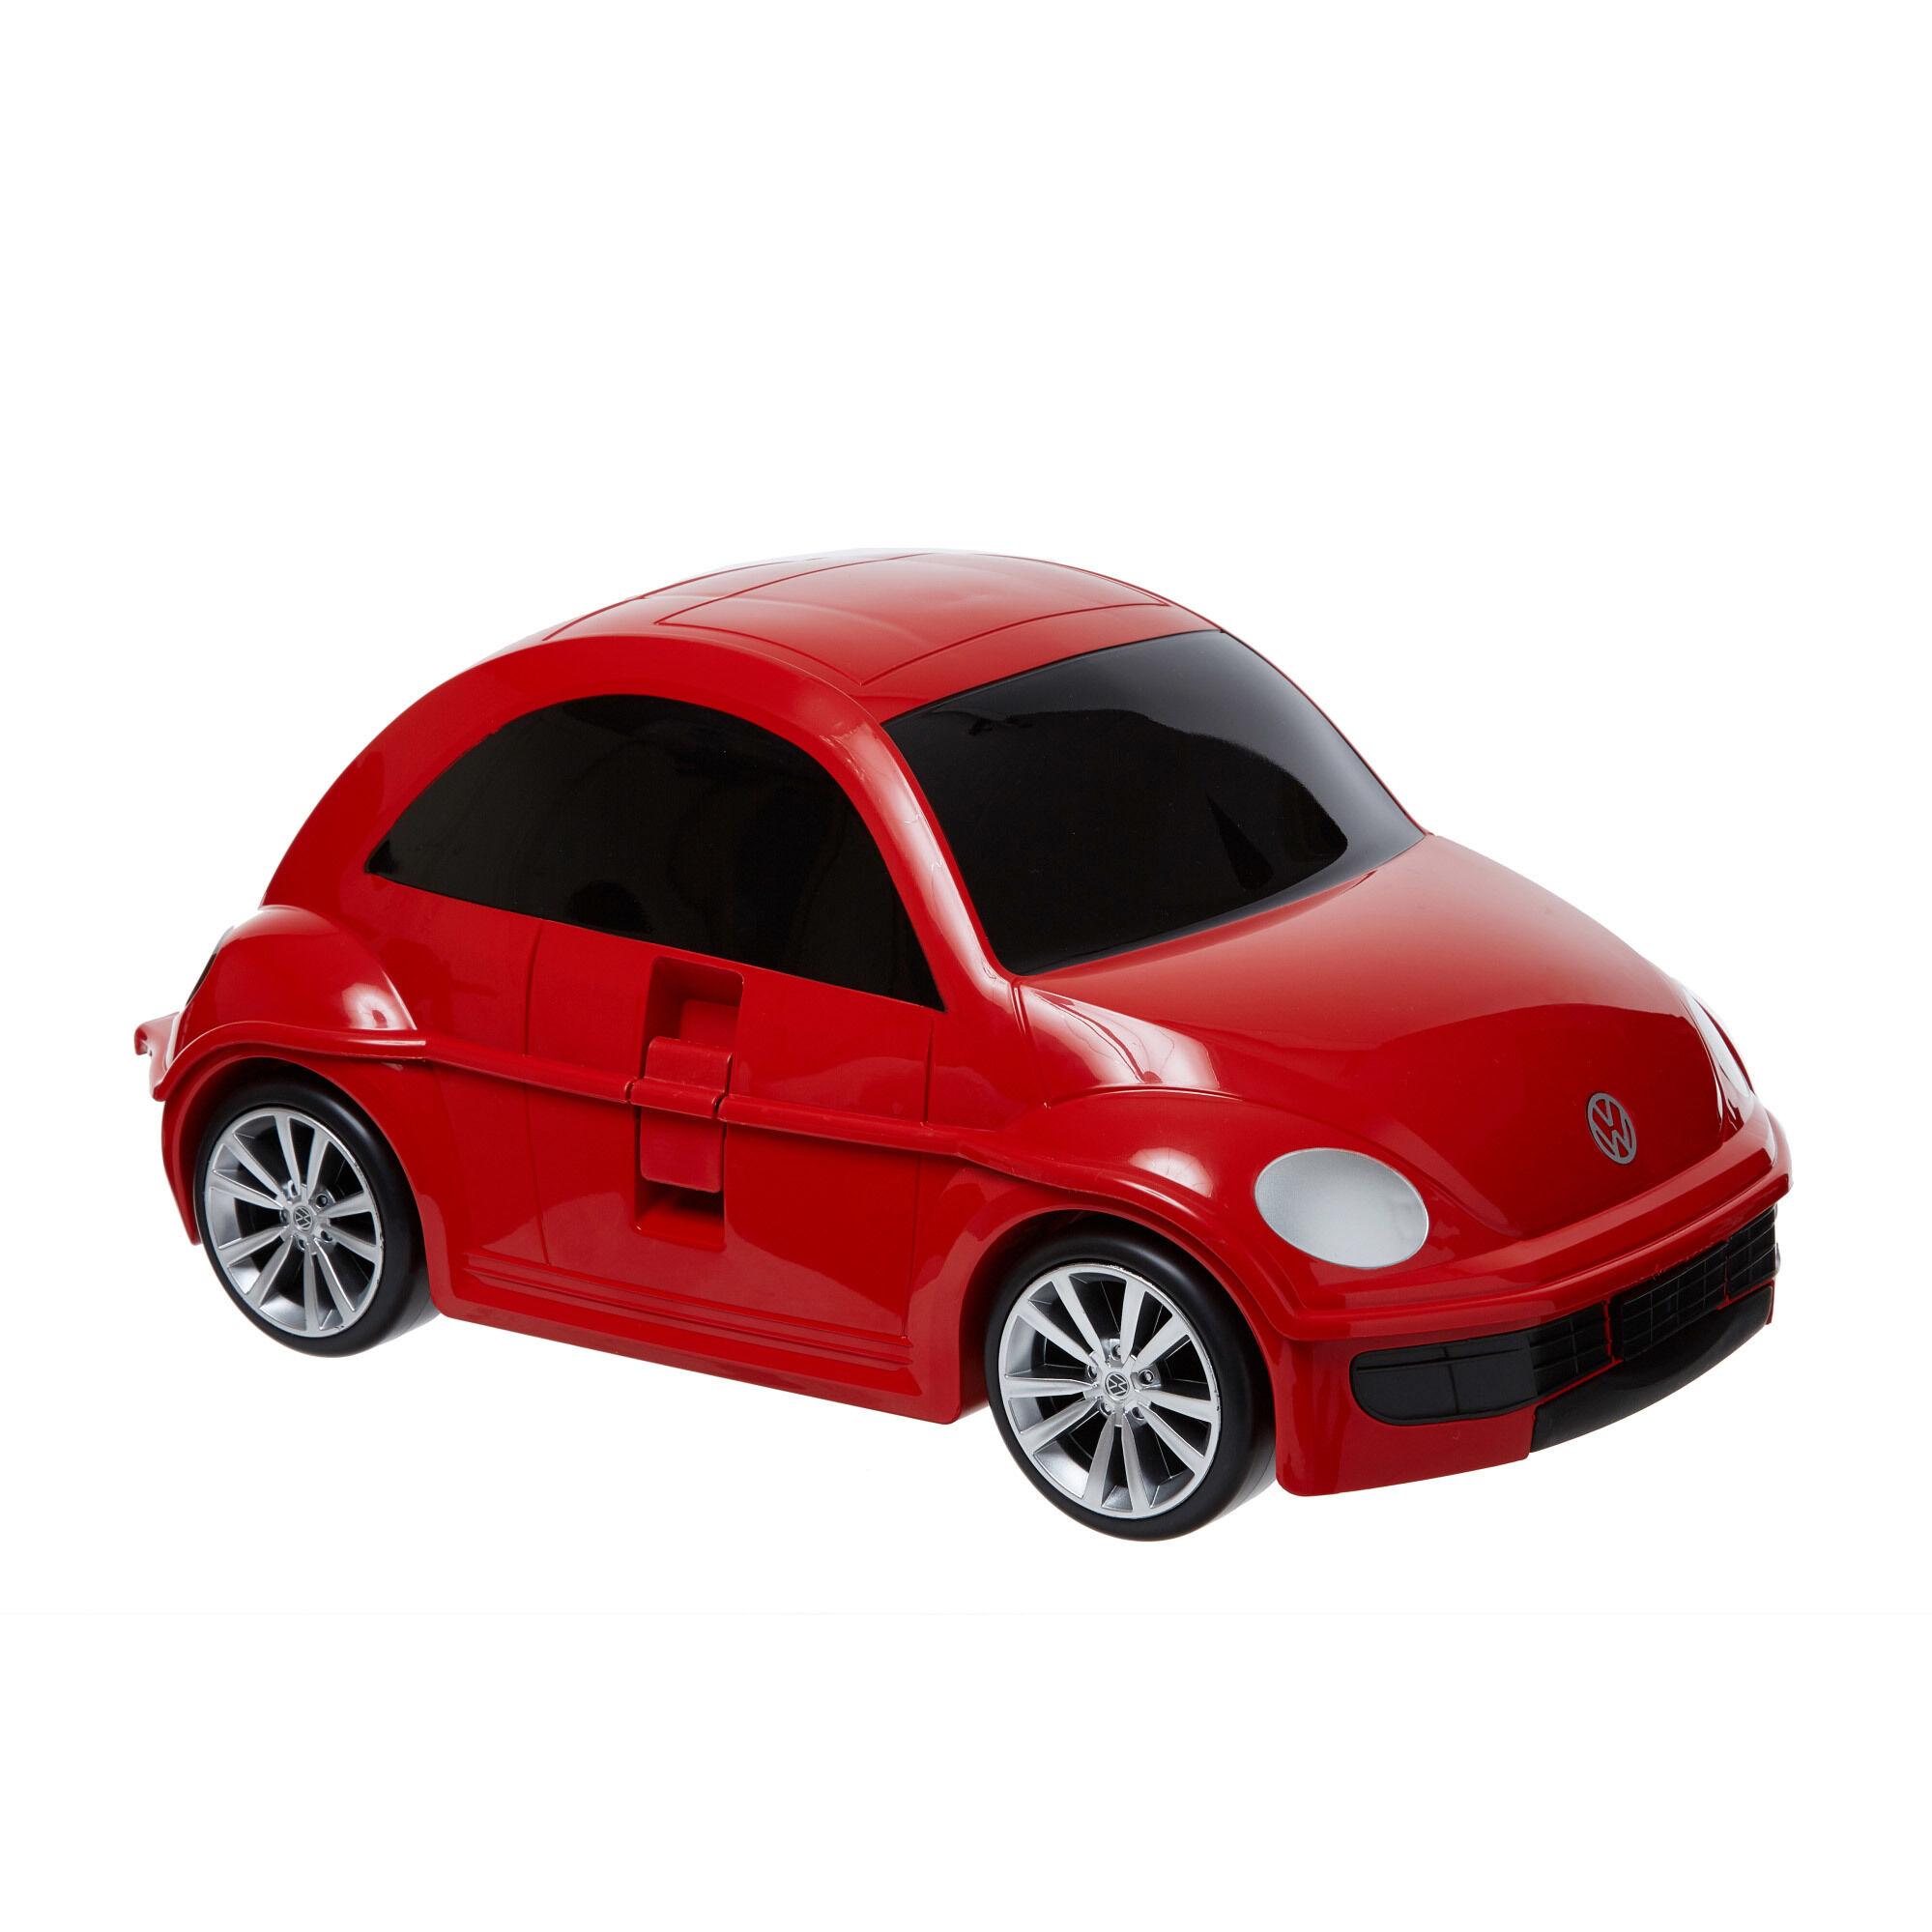 Lapin Accessories Βαλίτσα Αυτοκίνητο Volkswagen